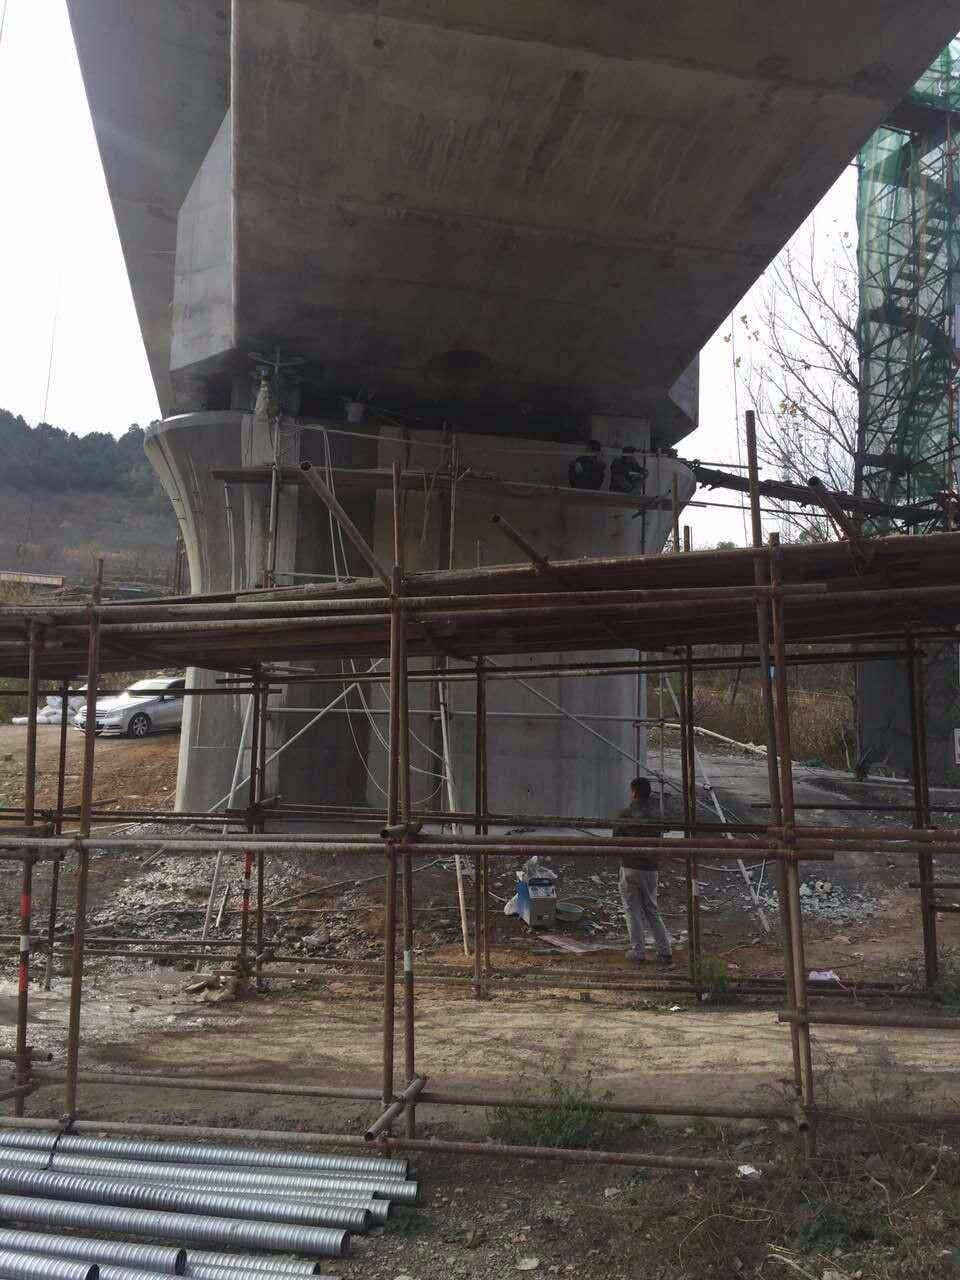 、钢筋砼墙体、砖混结构墙体、建筑大梁等建筑物、构筑物实施无损切割。主要承接:桥梁拆除、箱梁拆除、混凝土拆除、建筑物拆除、楼梯拆除、墙体拆除、楼板拆除、桥梁拆除、混凝土拆除;拥有液压墙锯、液压绳锯、液压钳、混凝土钻孔机、风镐、破拆机、机等先进的混凝土拆除设备。绳据专业拆除特点:箱梁切割拆除、桥墩切割拆除、桥梁切割拆除、大梁切割拆除、烟筒切割拆除、主要针对高难度的拆除工程保护层拆除和无声拆除。液压钳专业拆除特点:桥面拆除、墙体拆除、楼板拆除、屋顶拆除、无声破碎拆除、保护层专业拆除、楼层拆除、钢结构拆除、高难